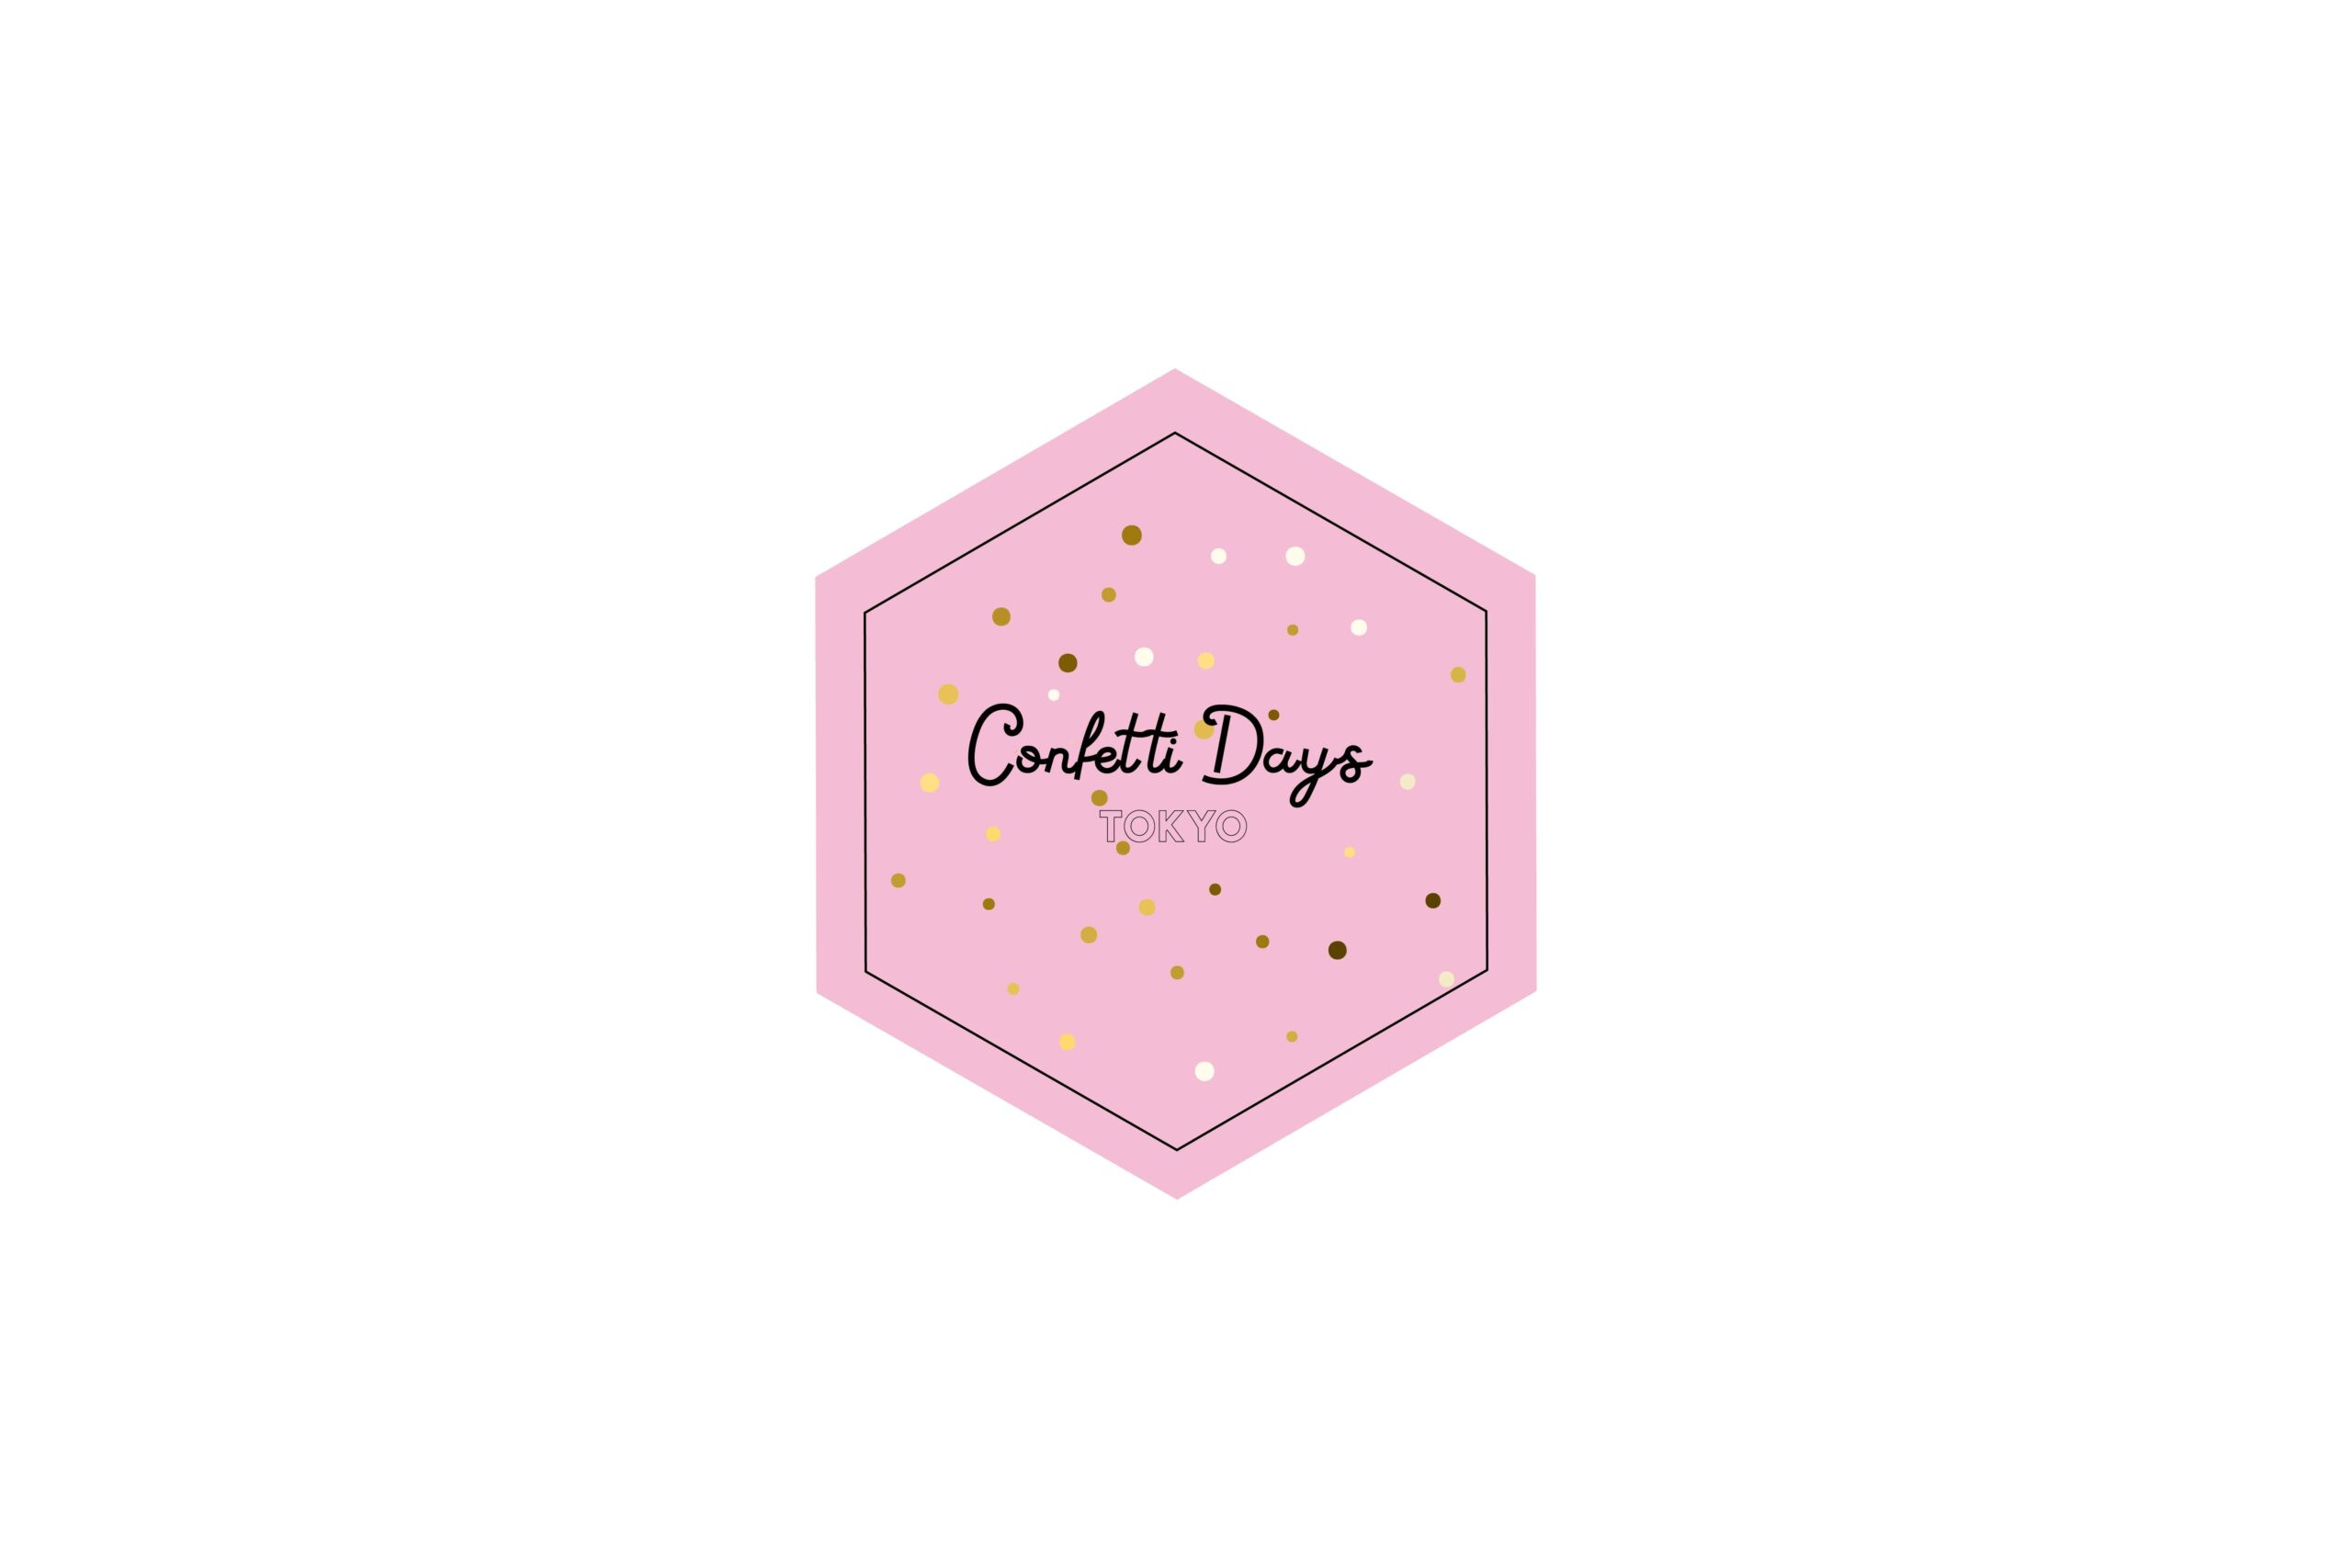 LogoDesign-CofettiDays-01